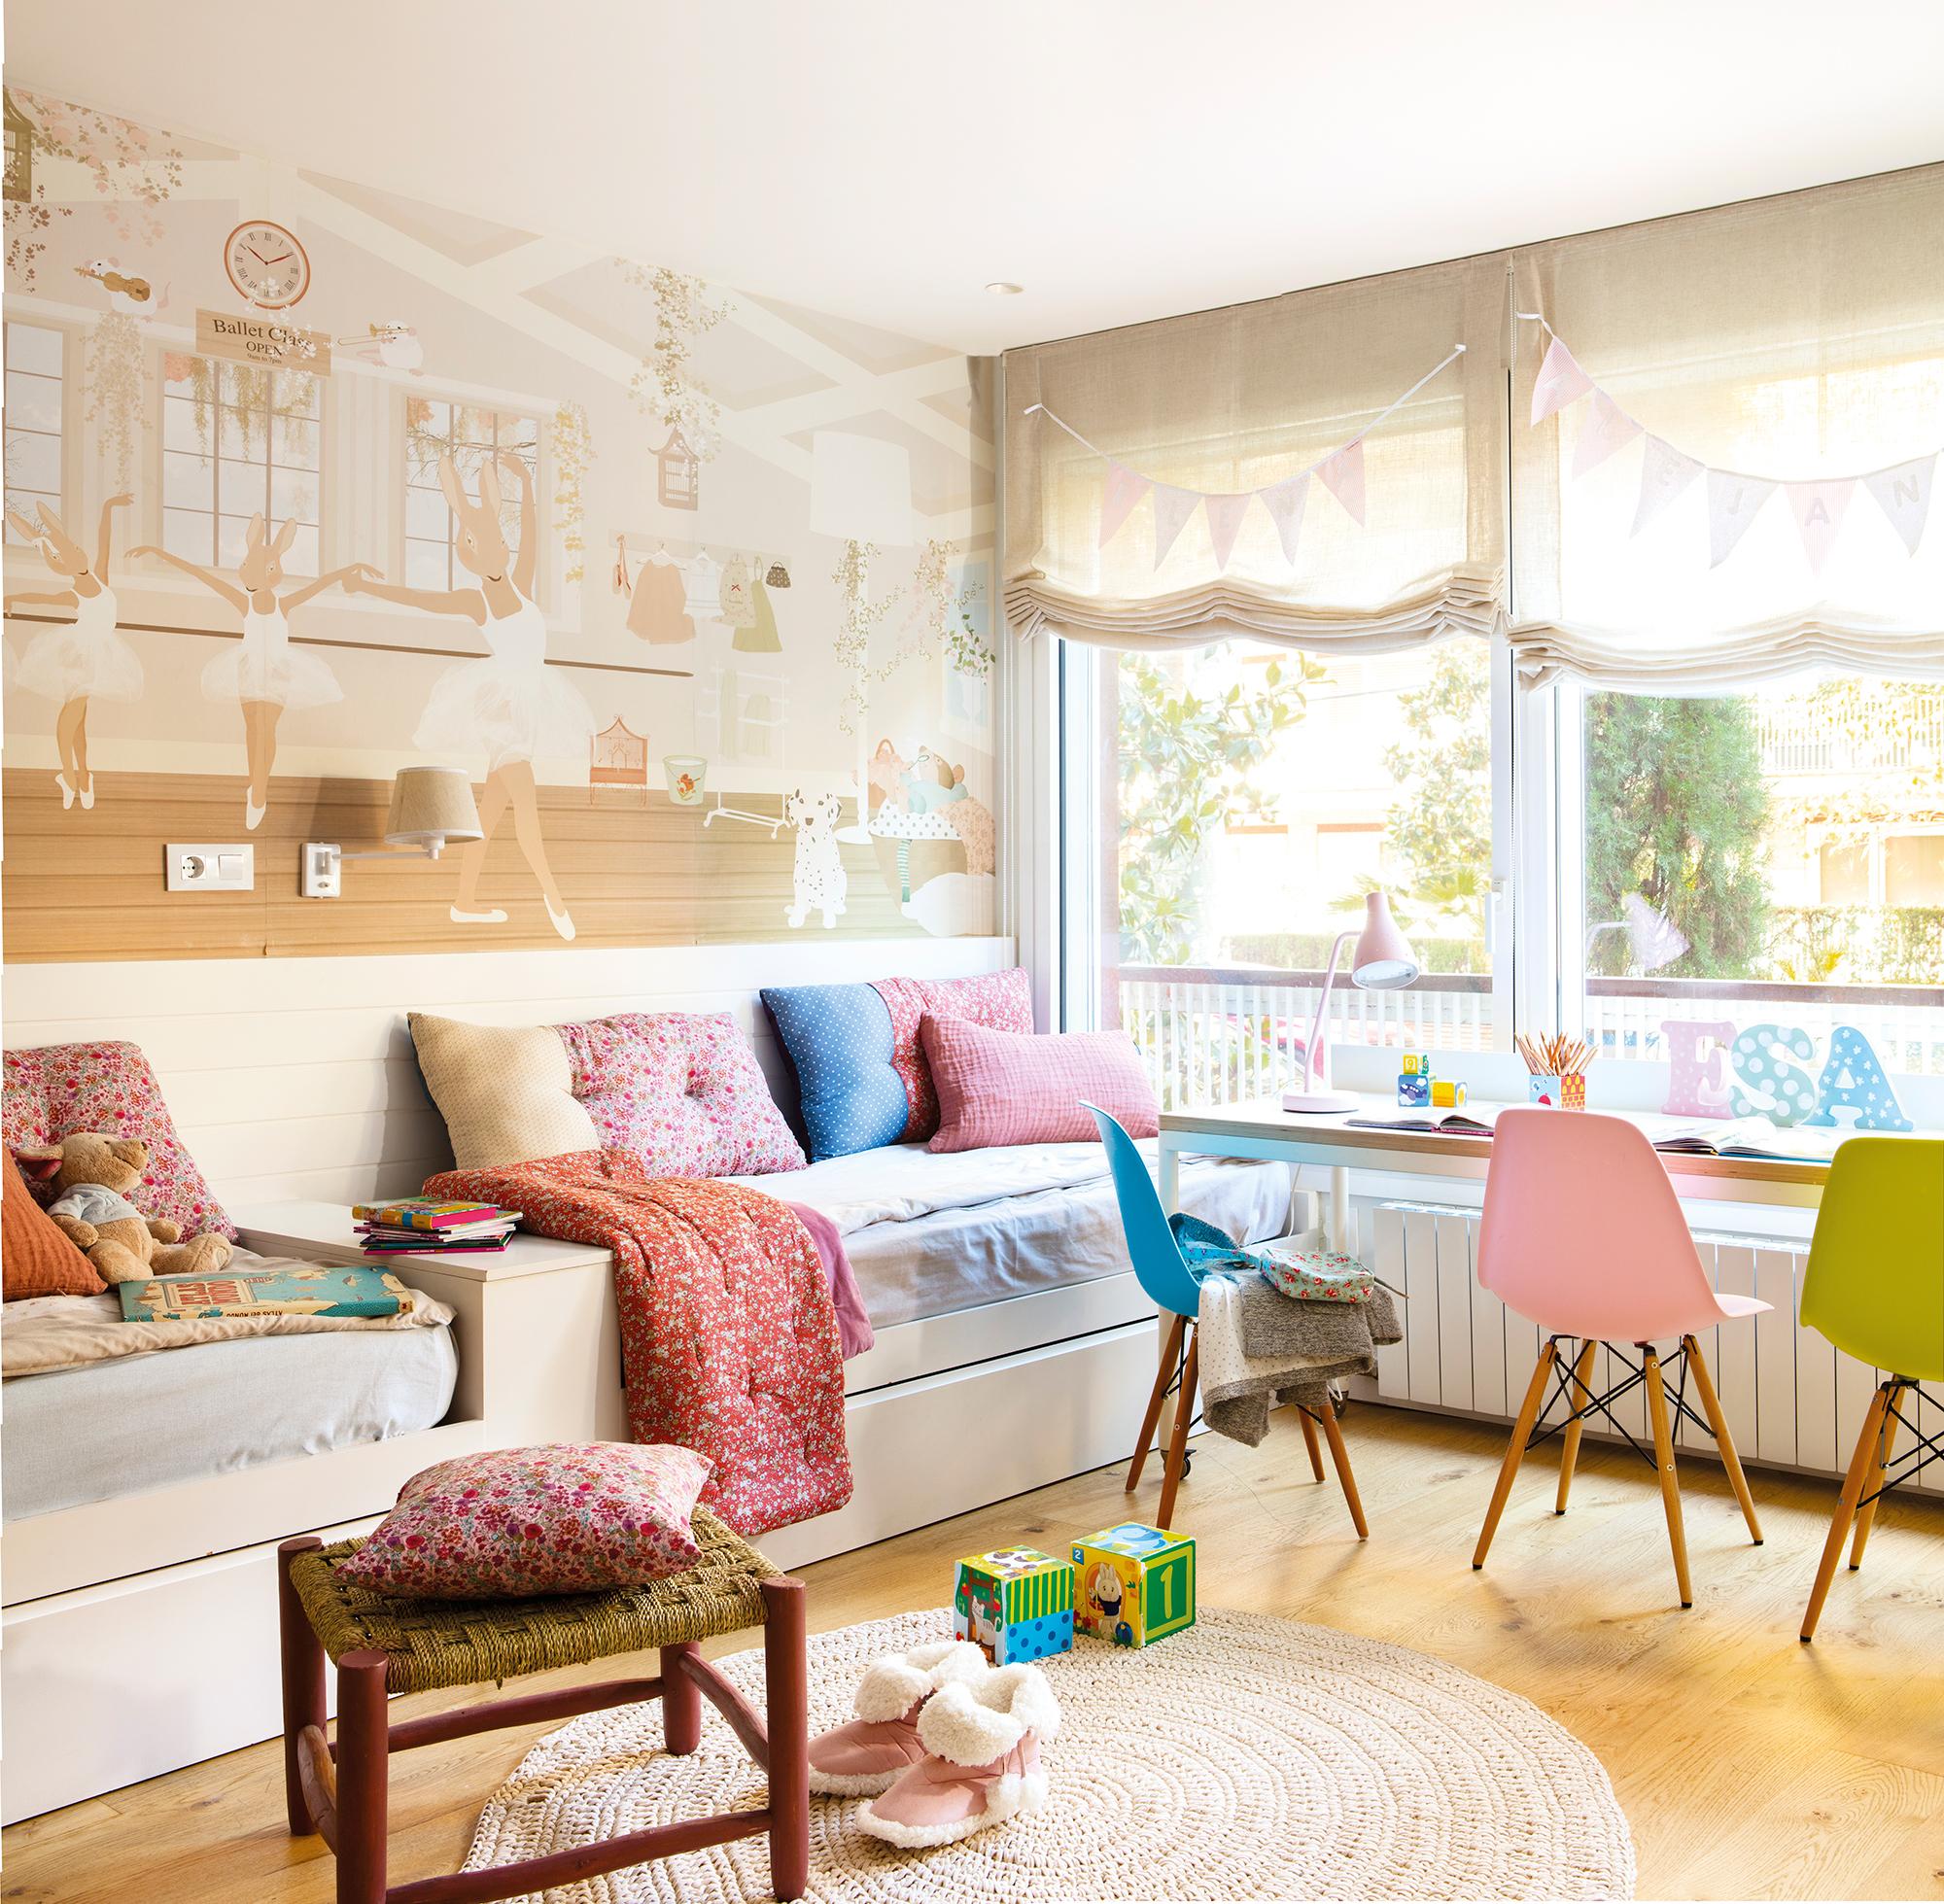 Decora la habitaci n infantil con papel pintado for Modelos de habitaciones infantiles